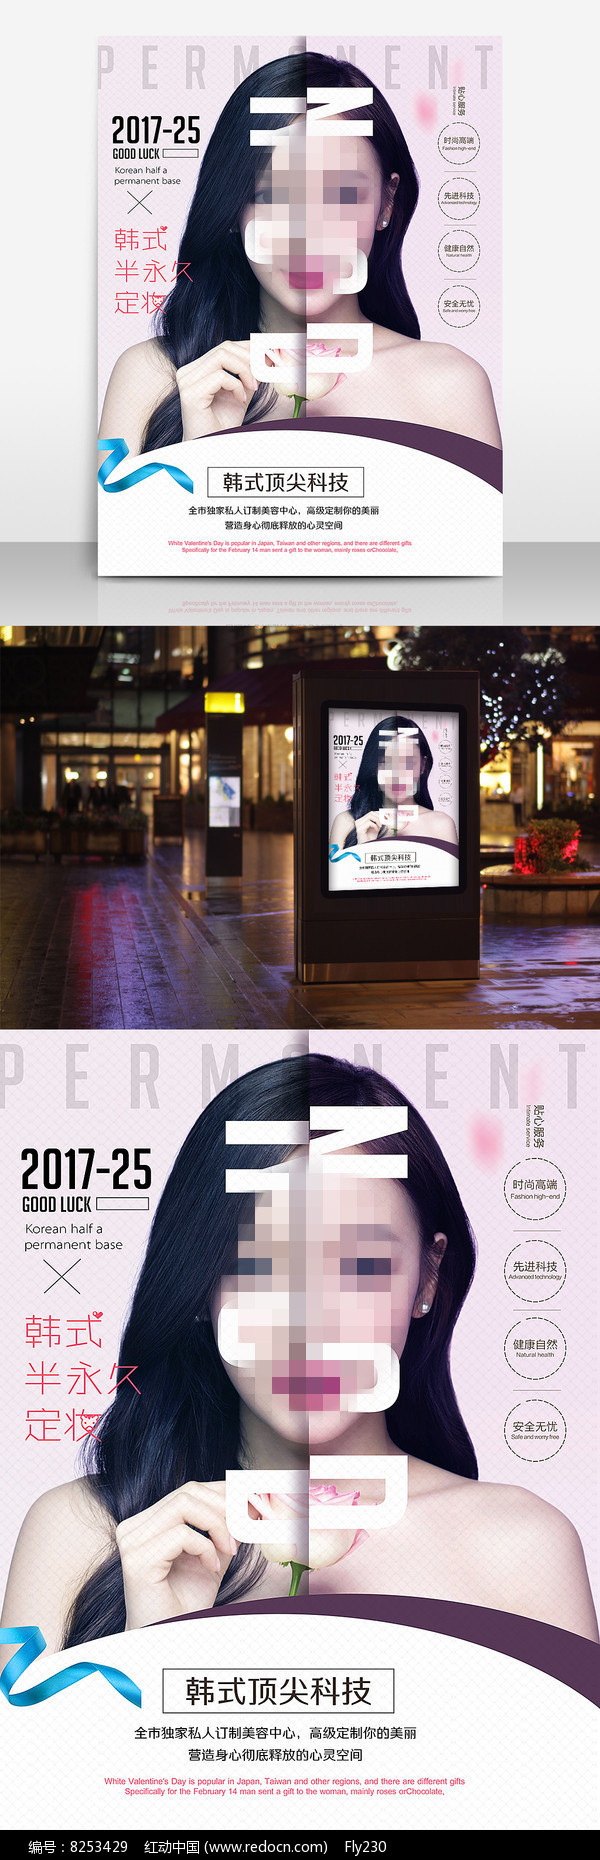 韩式半永定妆美容整形海报图片